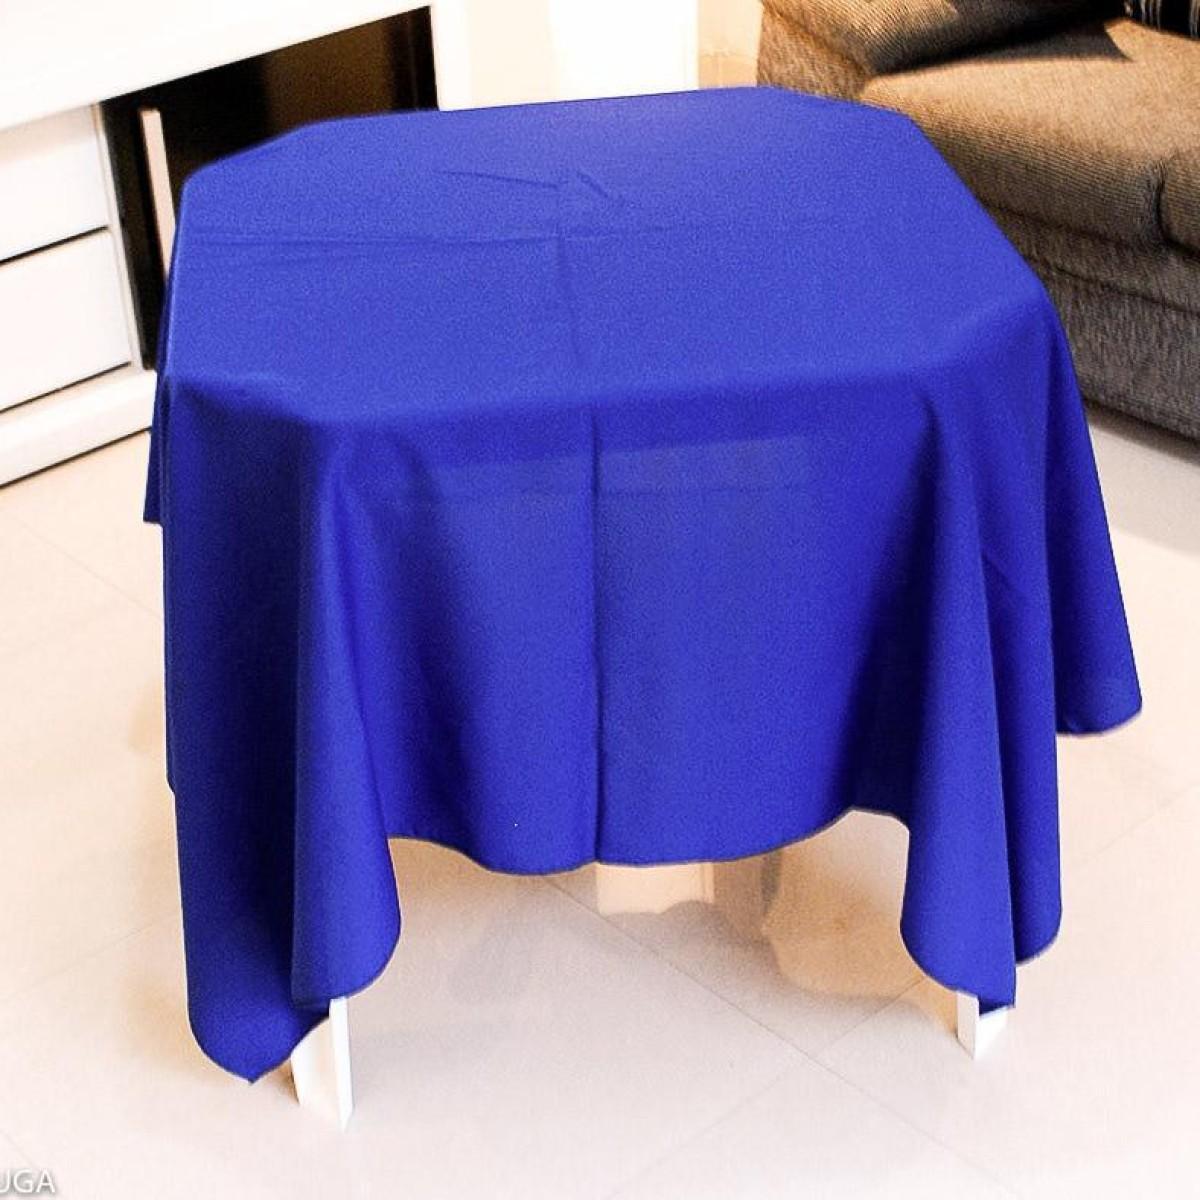 Detalhes do produto Aluguel de toalha quadrada azul